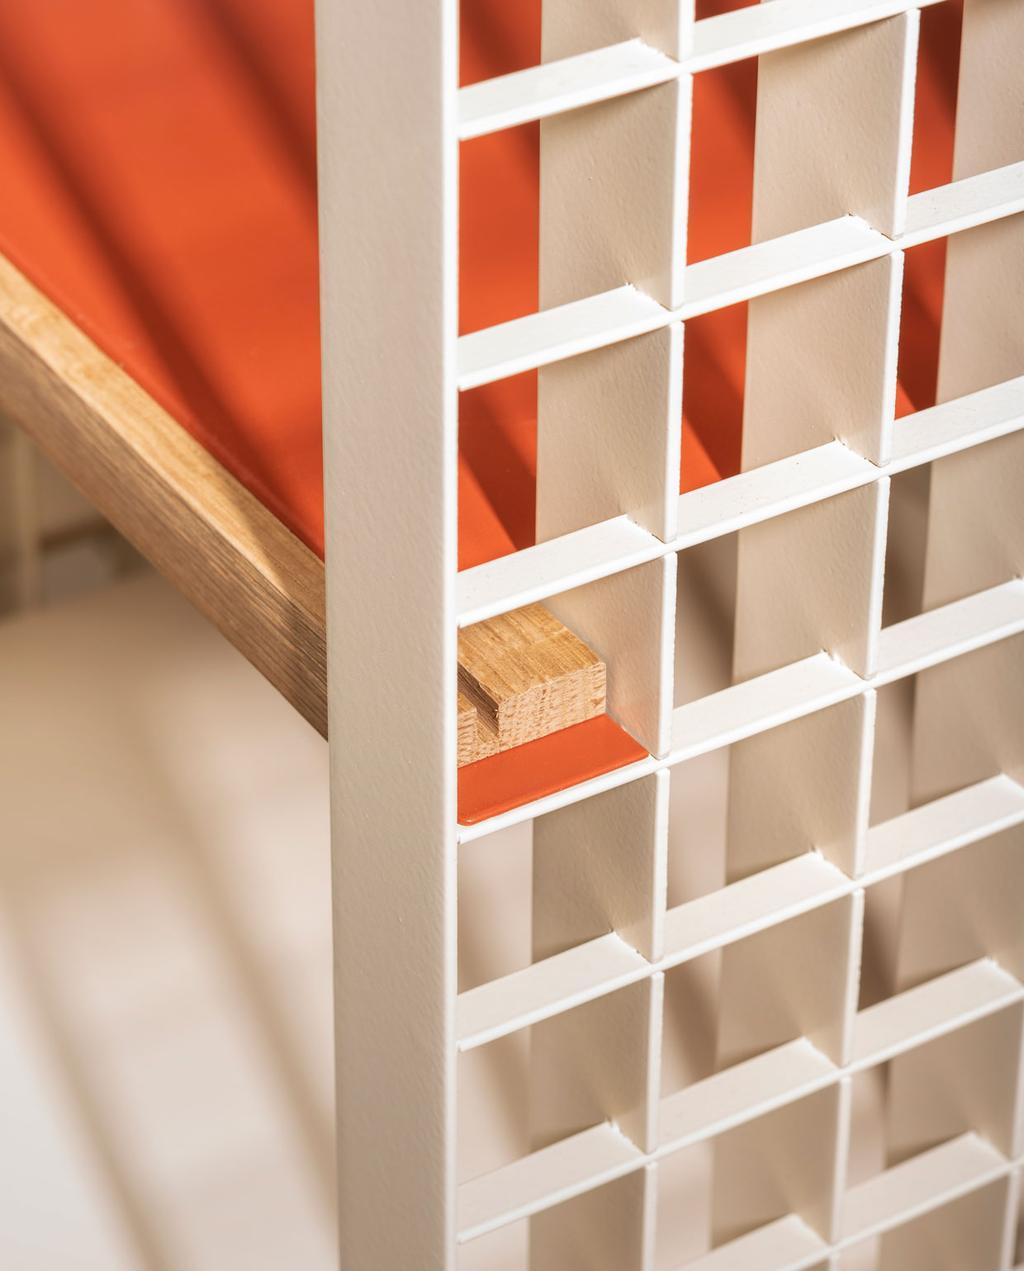 vtwonen | blog StudentDesign design bij jou thuis close up van het systeem